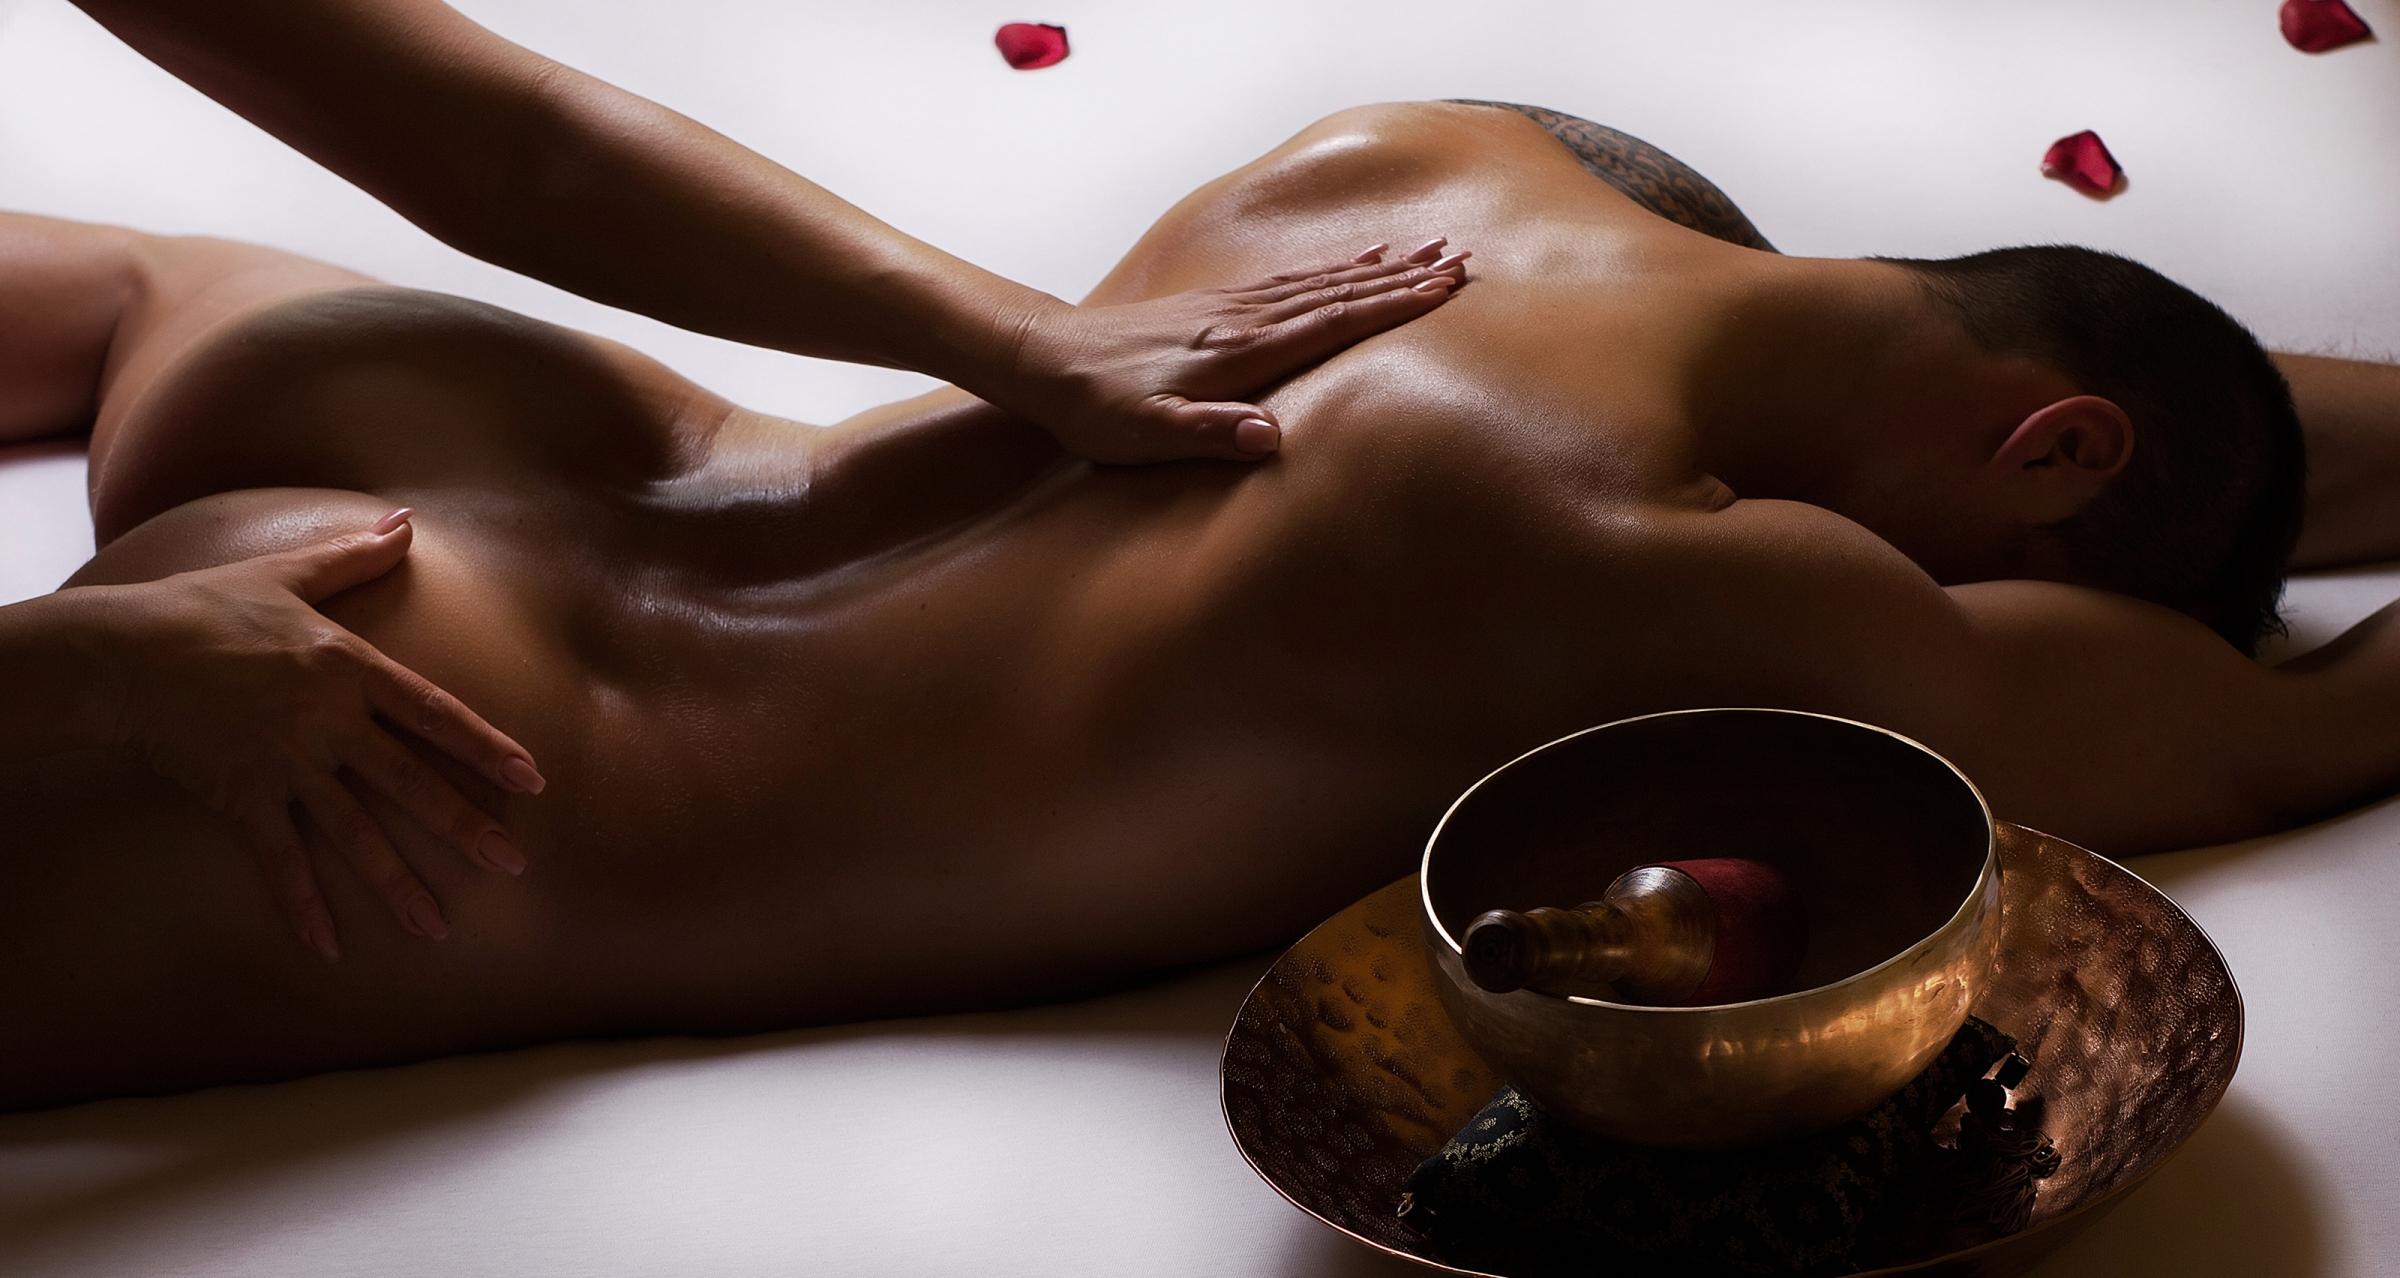 porn Massagen tantra-massage/triesterstrasse yes